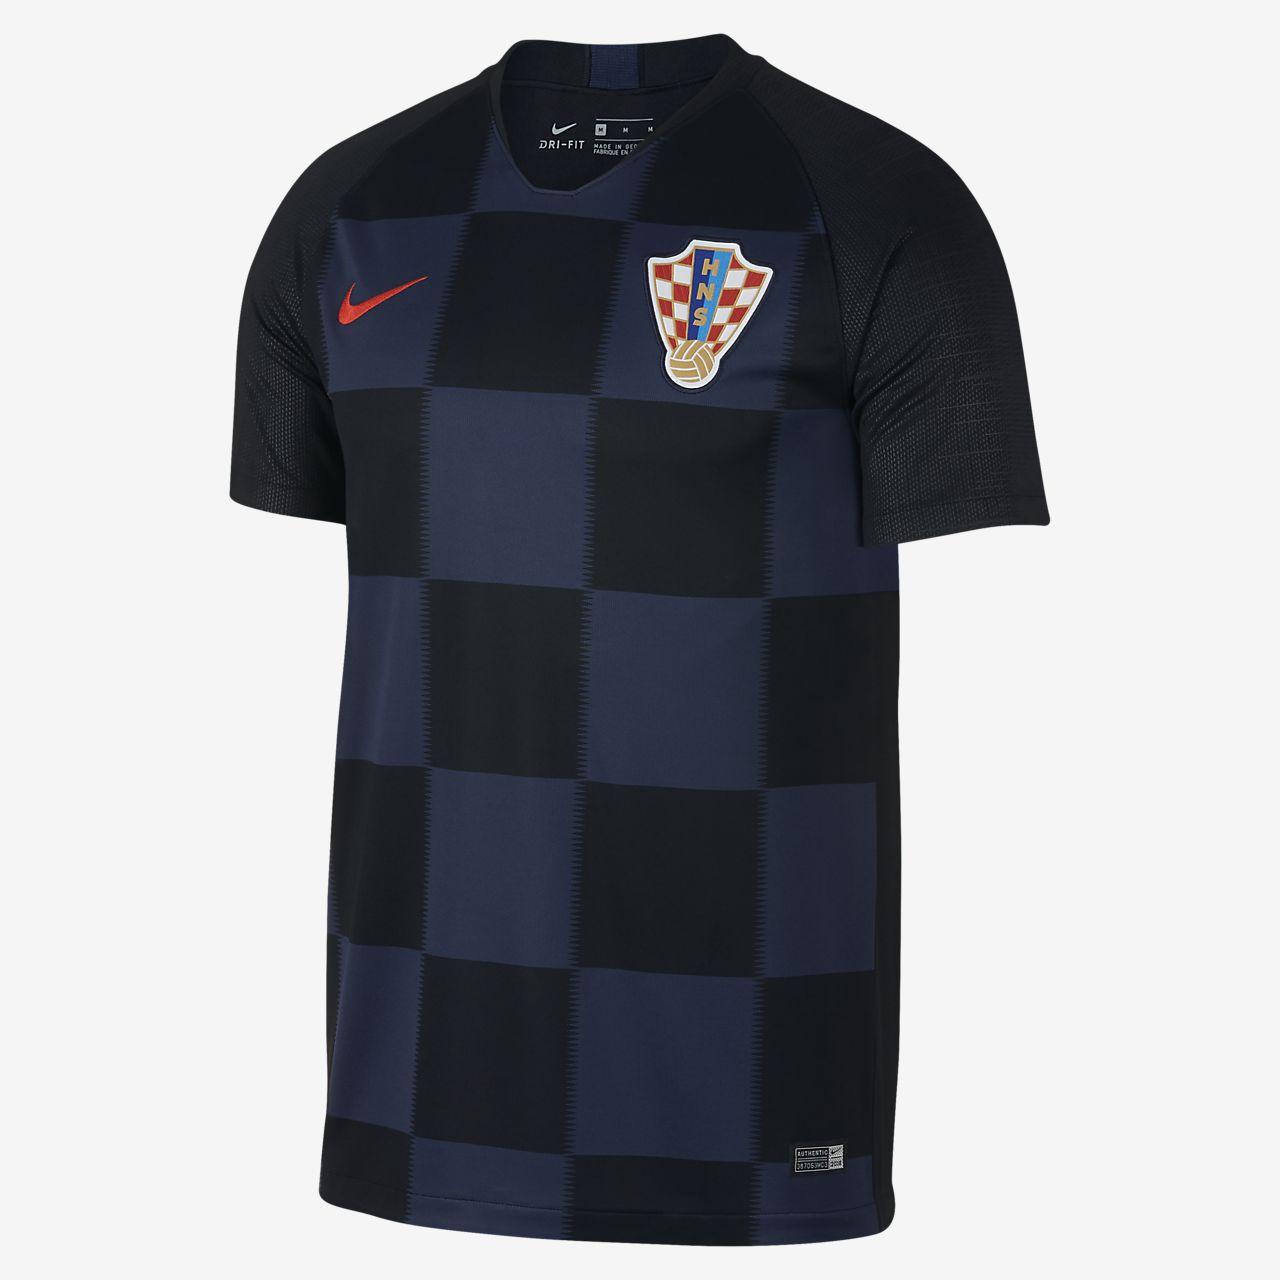 cd5e8ecface 2018 Croatia Stadium Away Men s Football Shirt. Nike.com DK